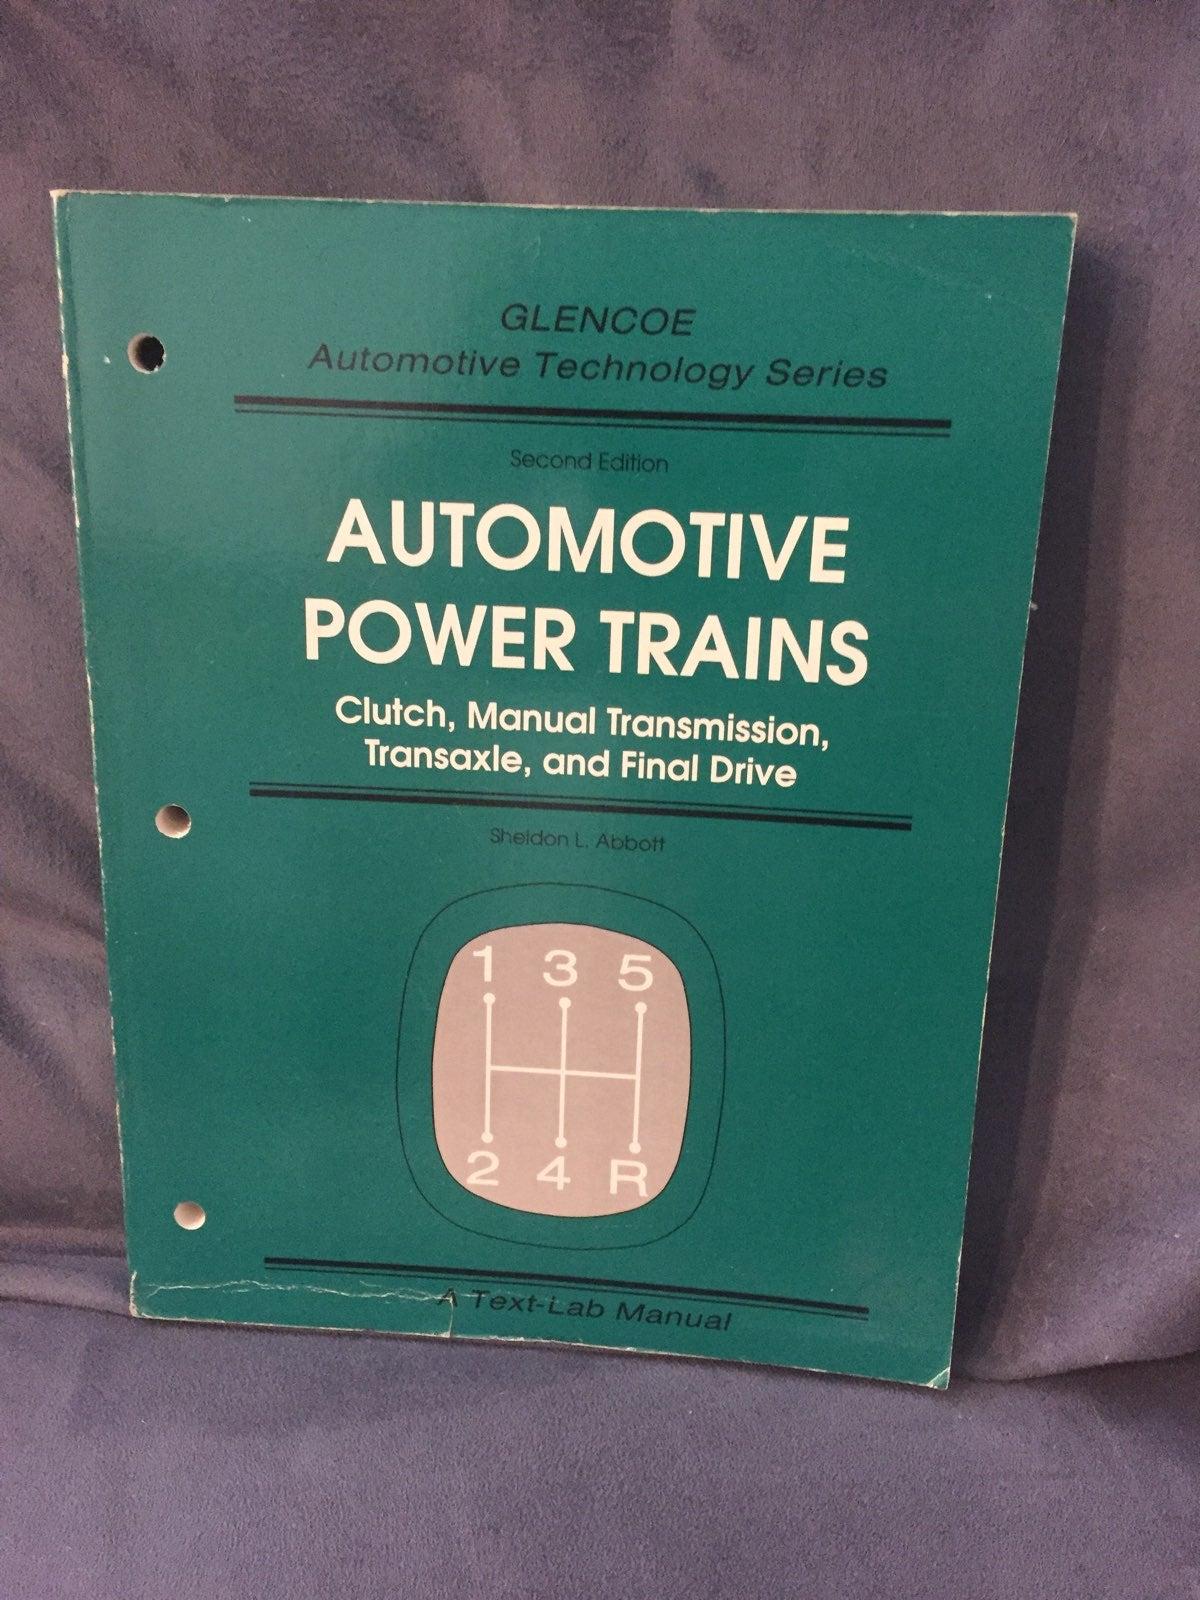 Automotive Power Trains